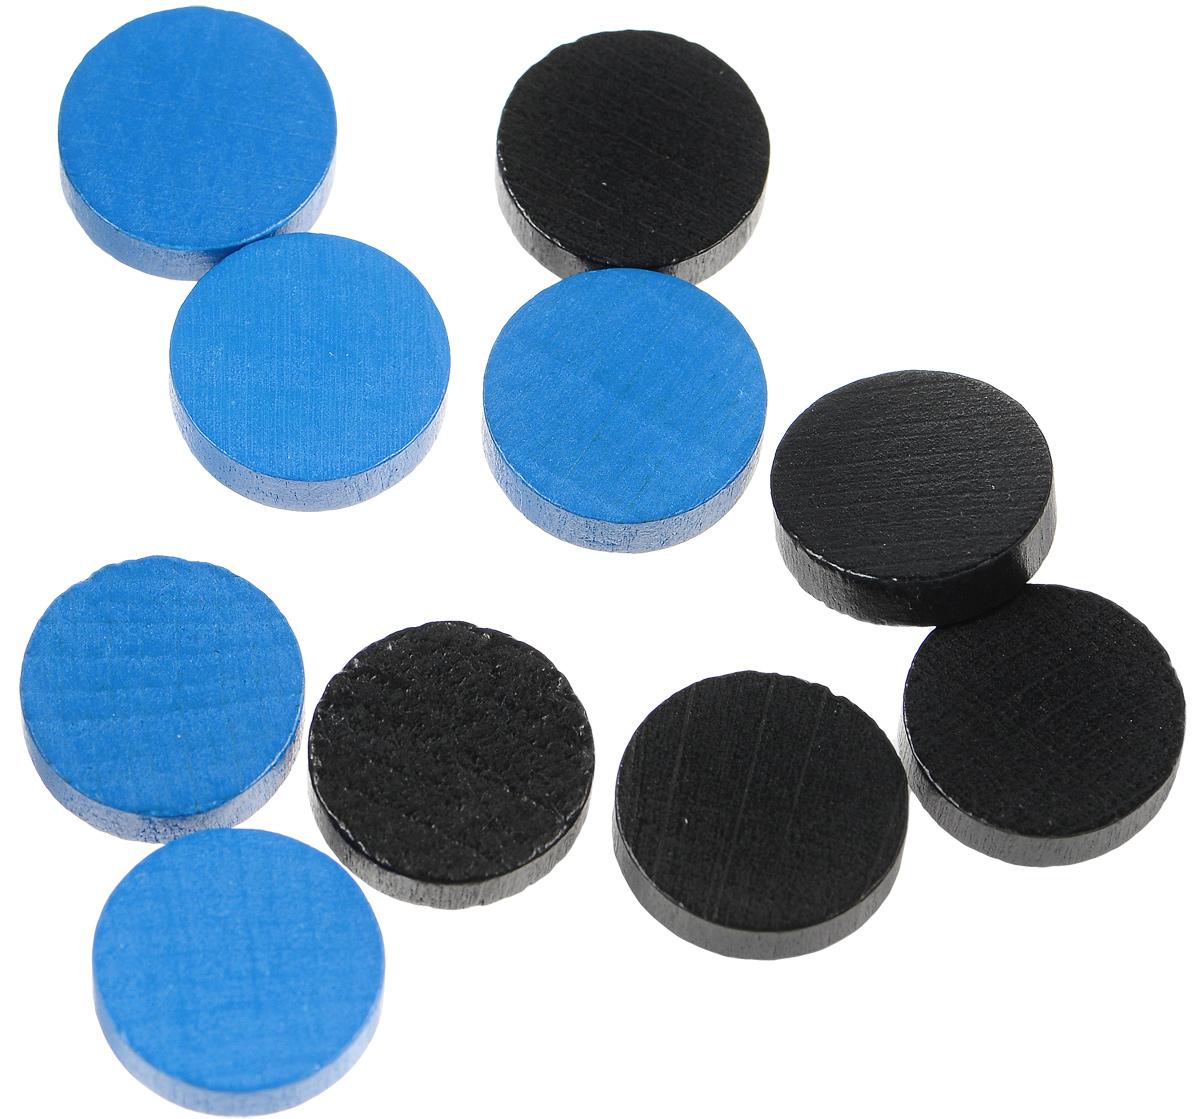 Pandoras Box Набор фишек Эко-стиль диаметр 15 мм цвет синий черный 10 шт06LZ021_синий, черныйНабор фишек Эко-стиль предназначены для настольных игр. Фишки можно использовать для отметки уровня ресурсов жизни, победных очков при игре в настольные игры. В наборе имеются фишки двух разных цветов. Фишки выполнены из натурального дерева и покрыты яркой краской. Набор содержит 10 фишек диаметром 1,5 см.